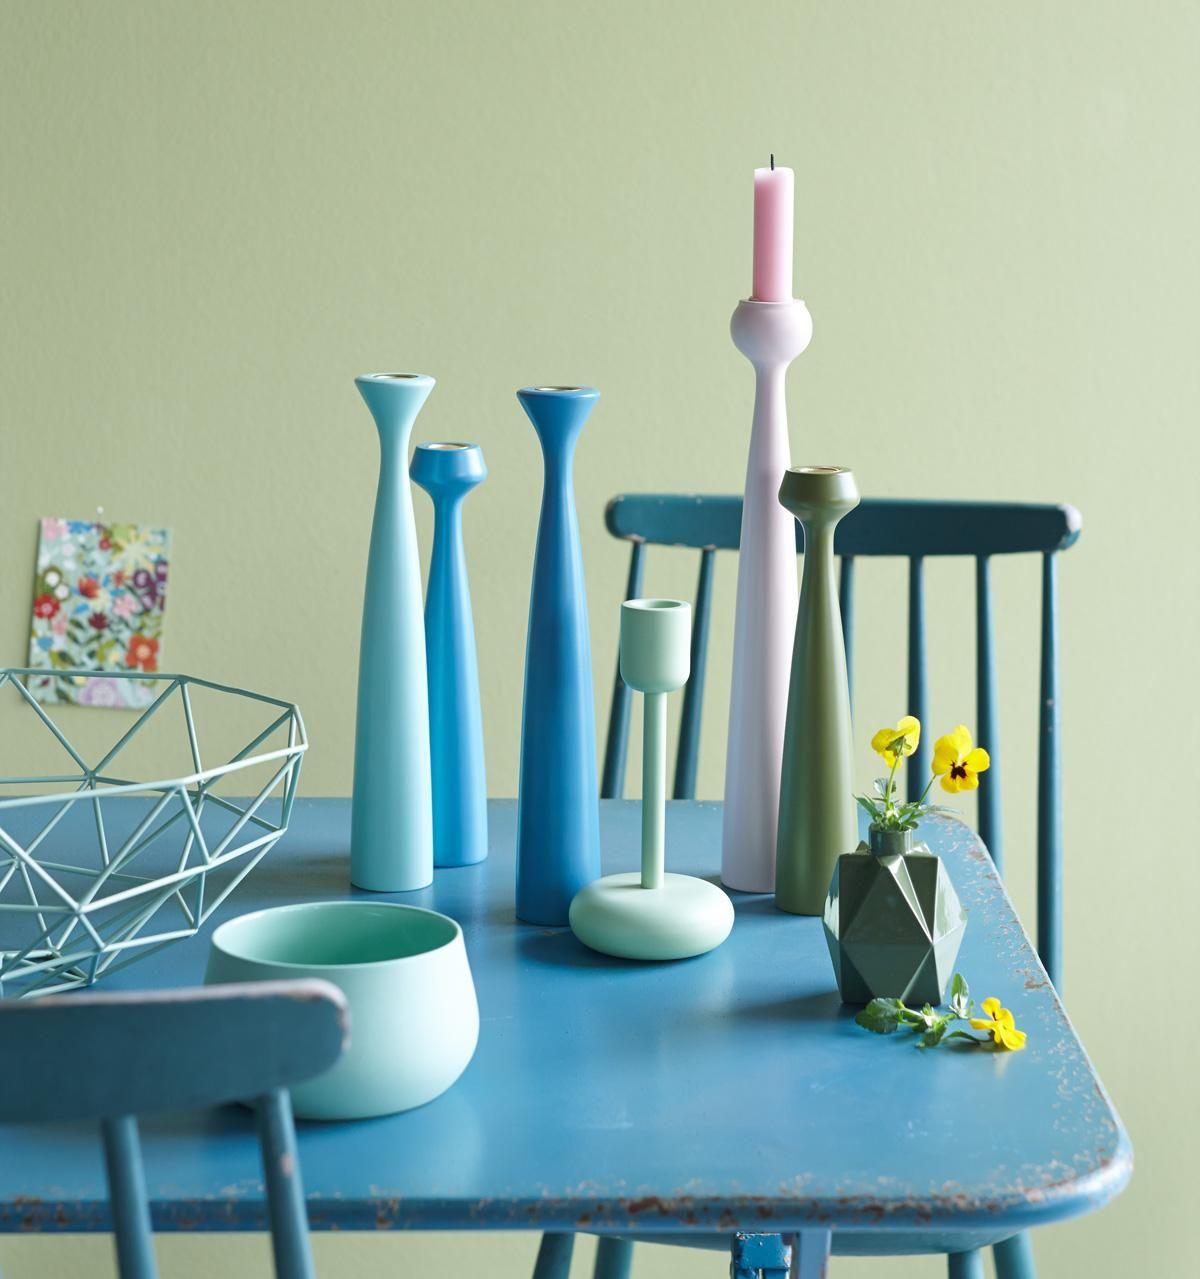 Schöner Wohnen Farbpalette: Möbel, Accessoires Und Wandfarben Für Das